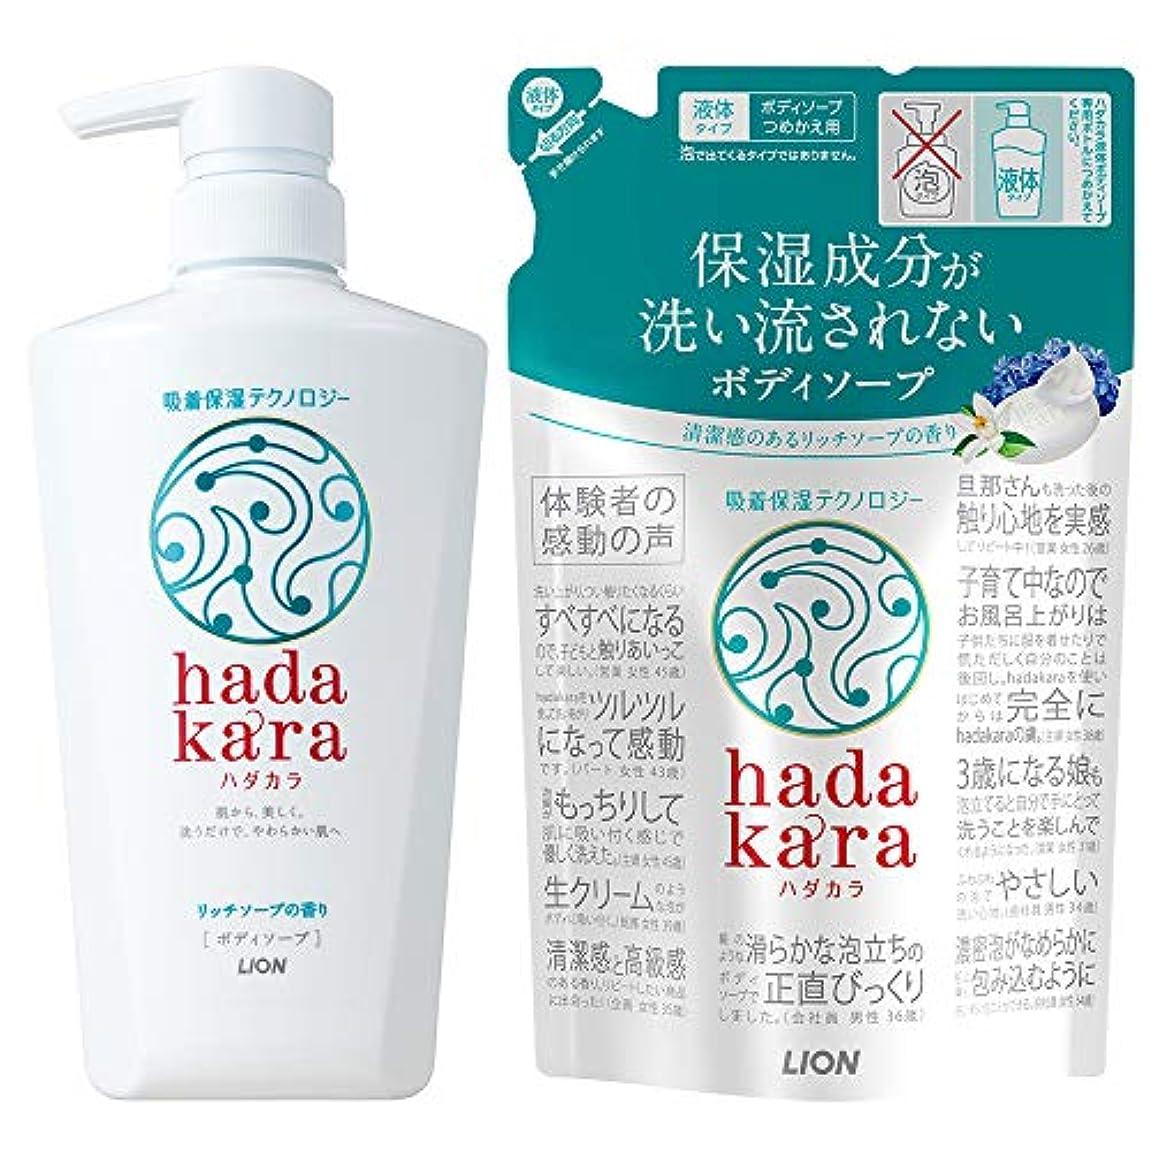 構成する裏切り者禁じるhadakara(ハダカラ) ボディソープ リッチソープの香り 本体500ml+つめかえ360ml